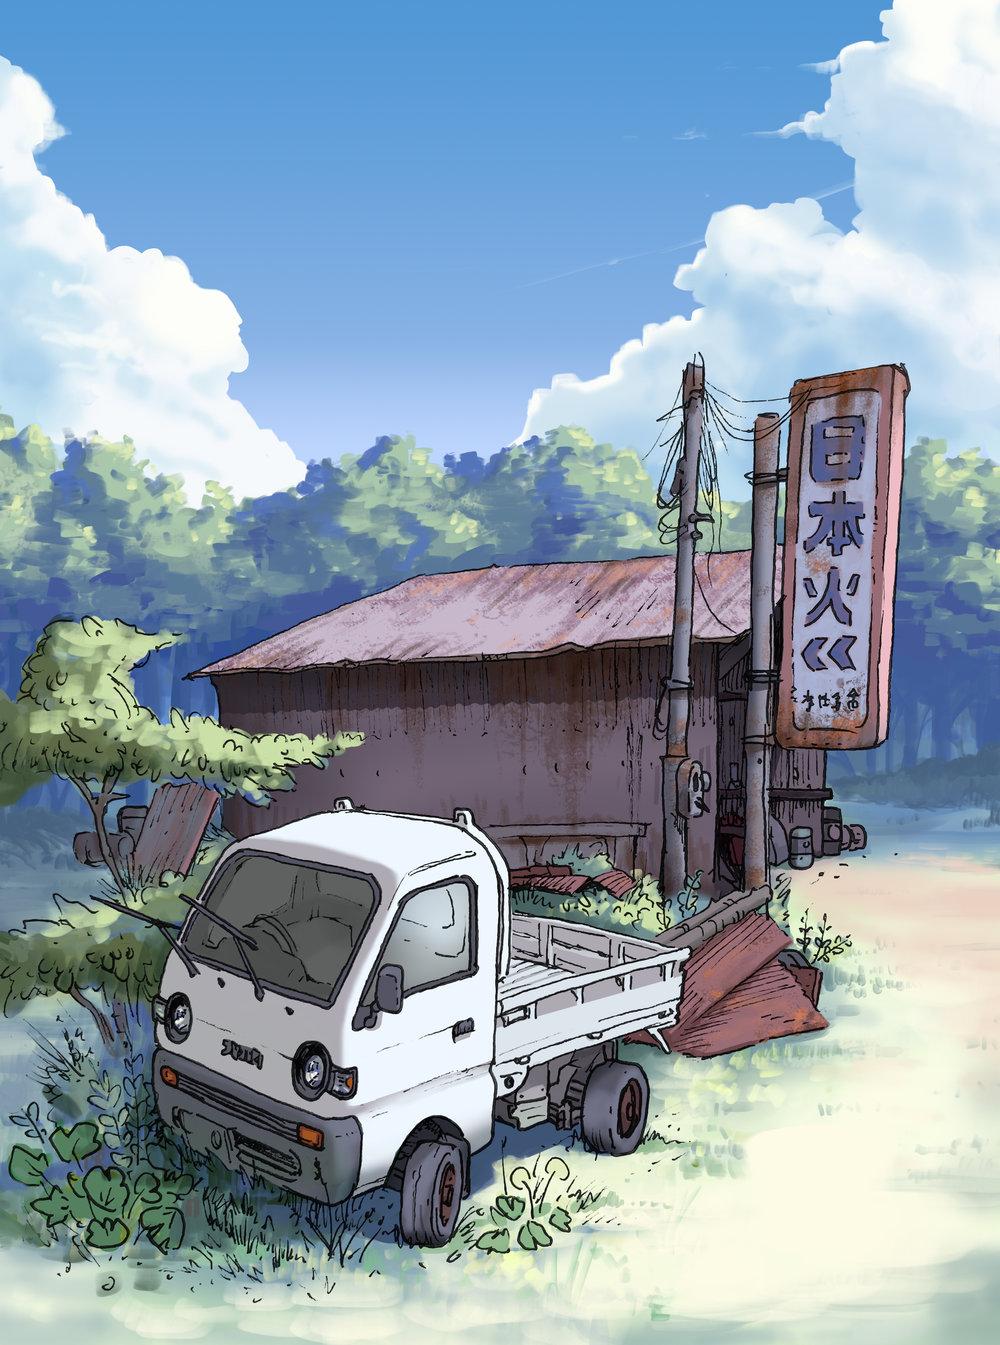 Suzuki_Carry_Paint_final_01.jpg